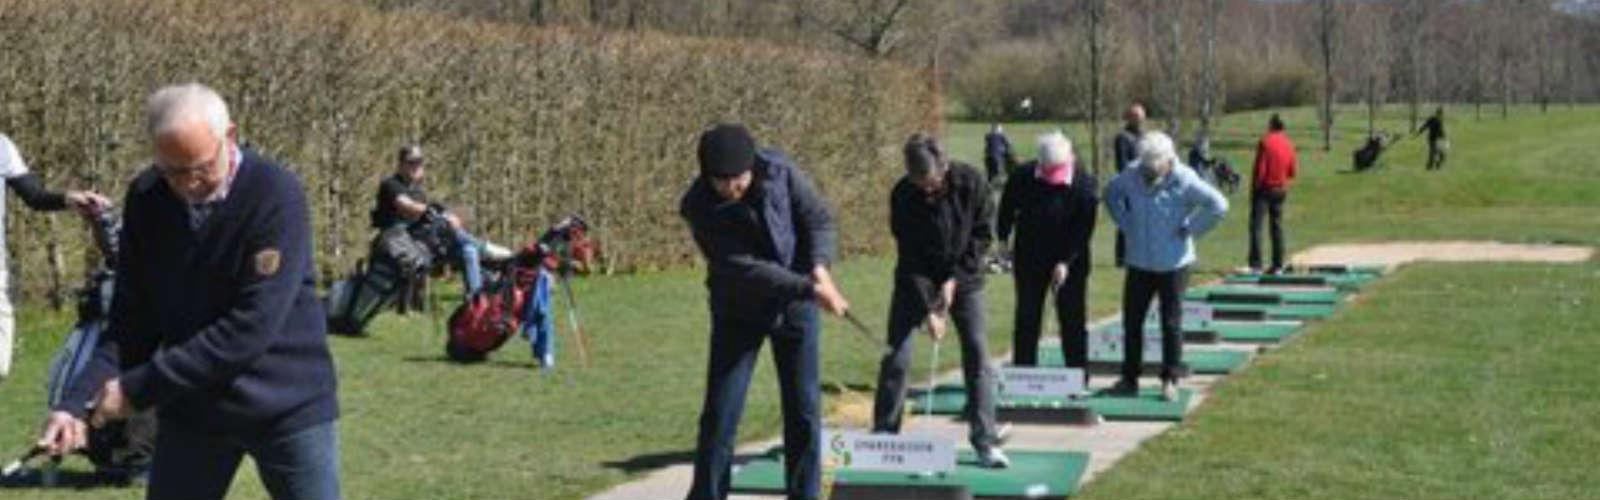 Golfens Dag 2015